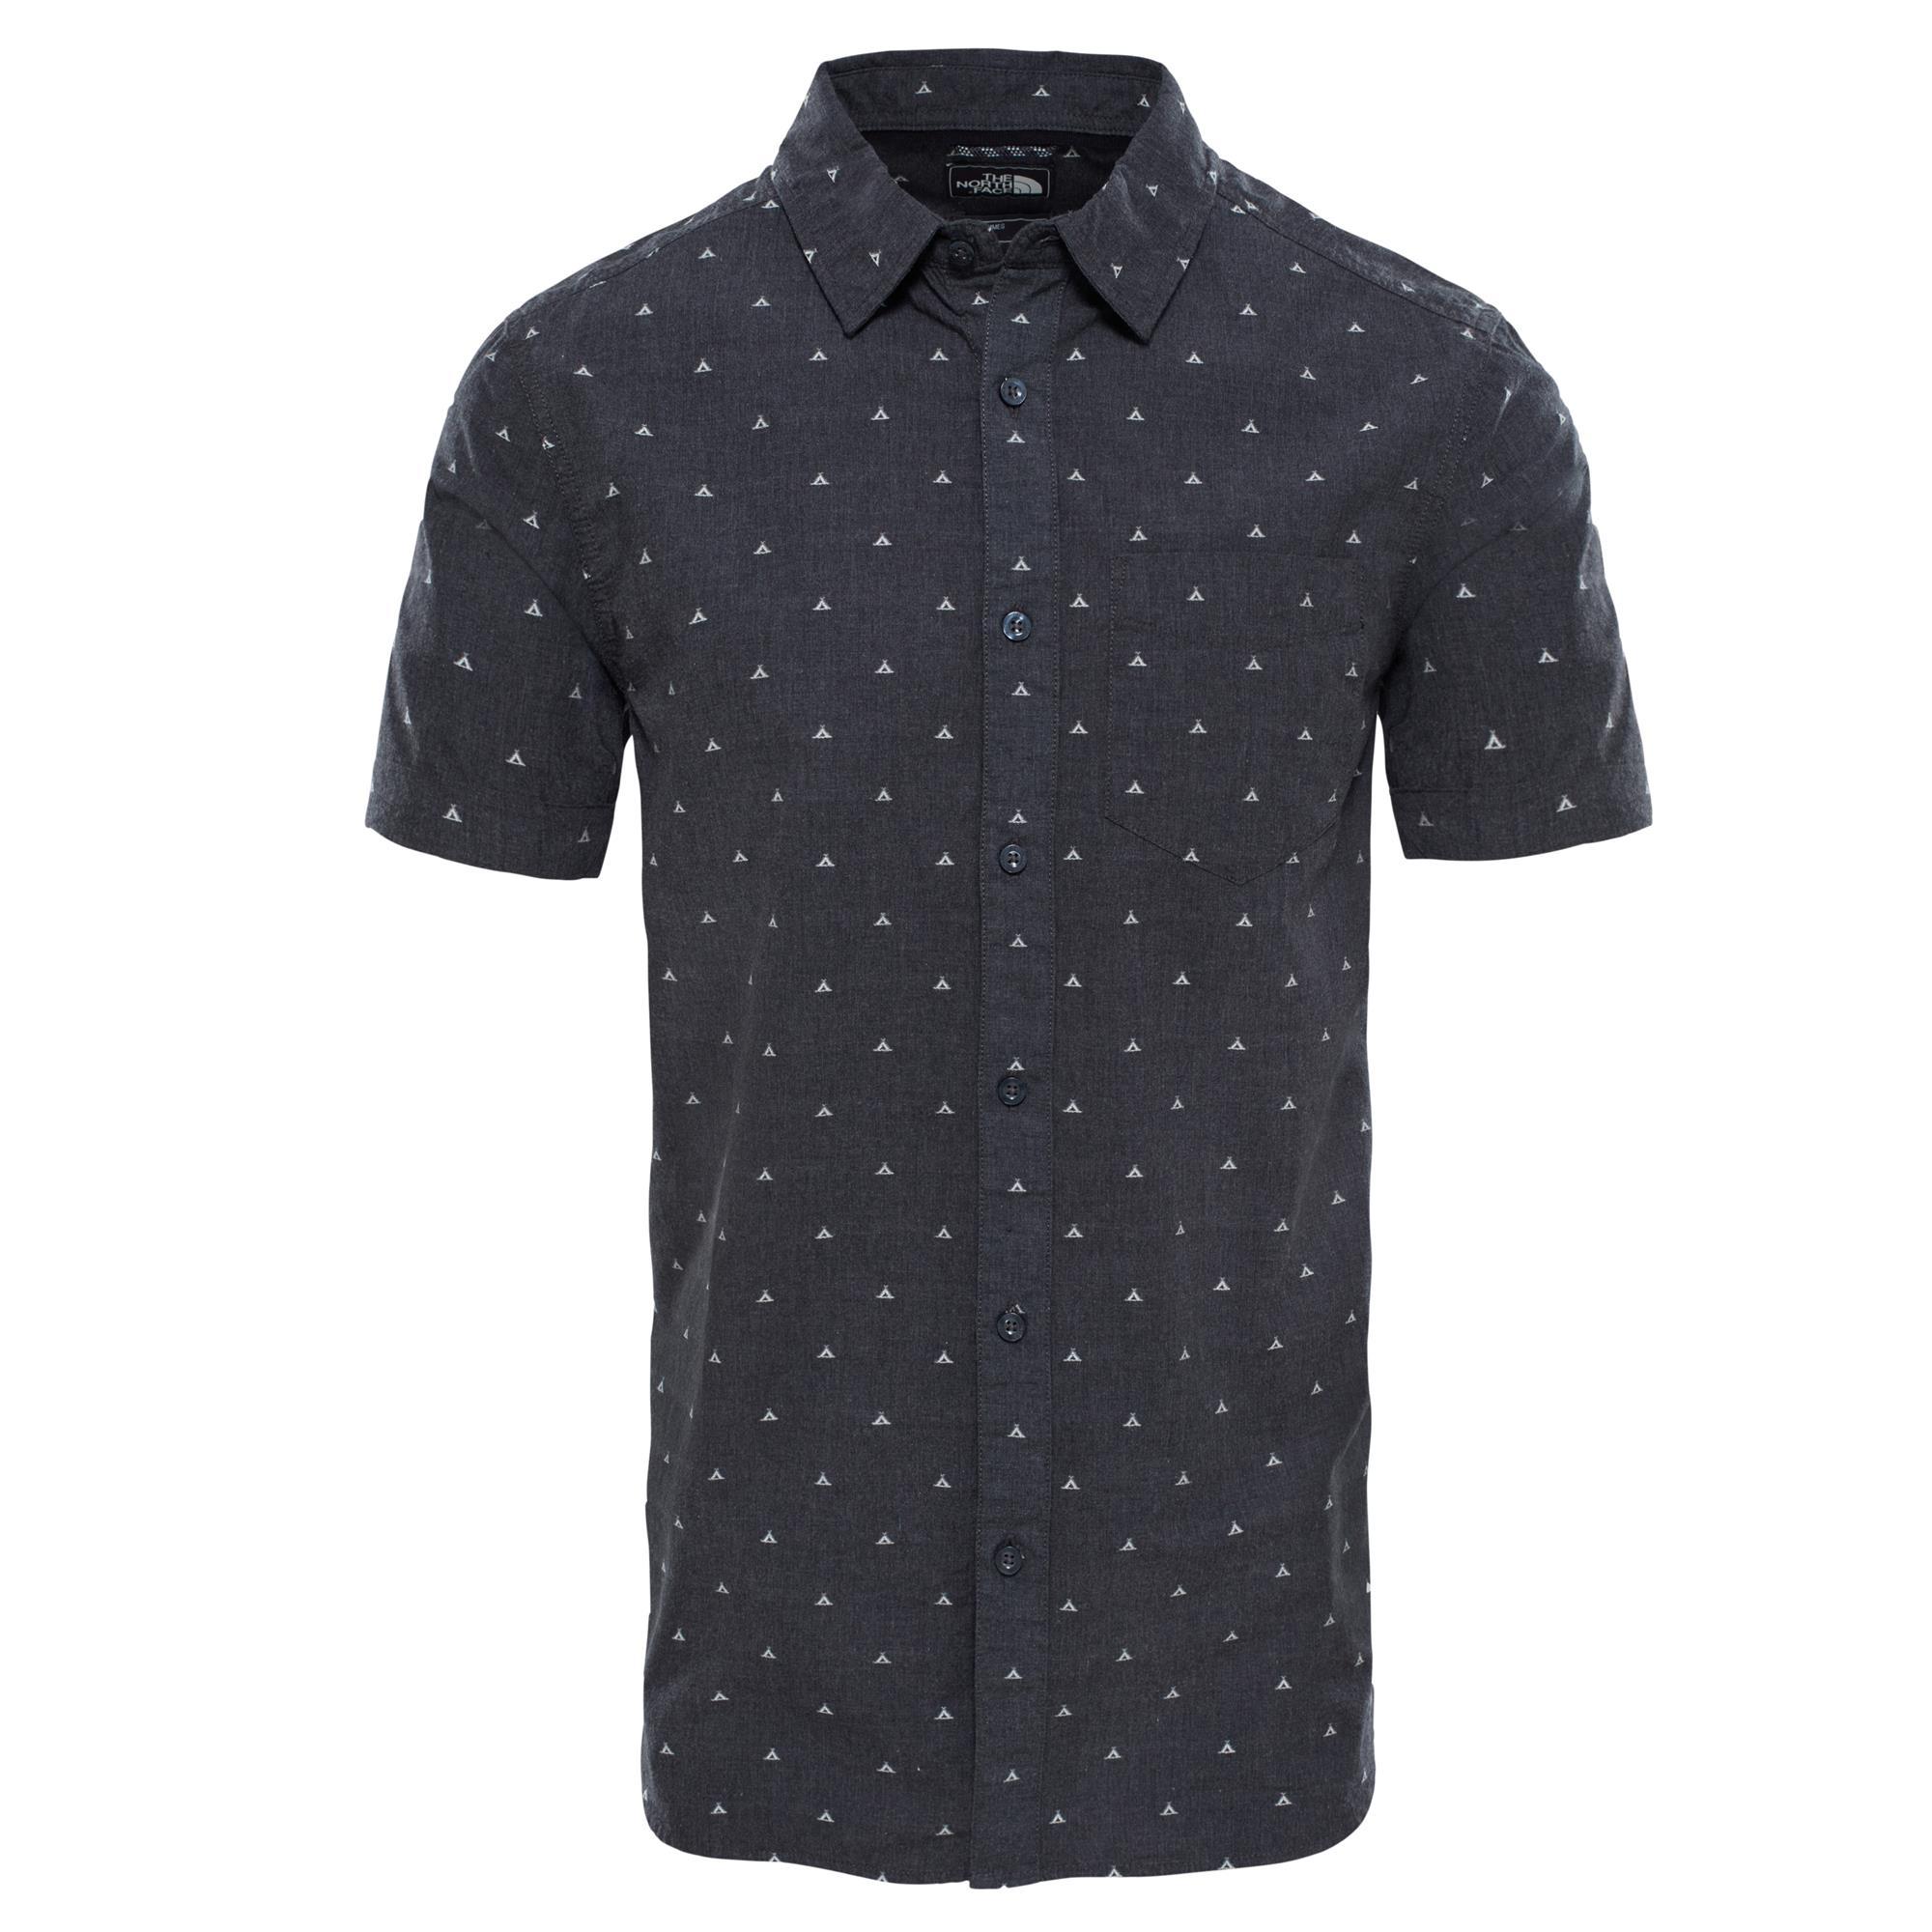 The North Face M Baytrl Jacg Shirt Hemd Herren dunkelgrau XL, Gr. XL